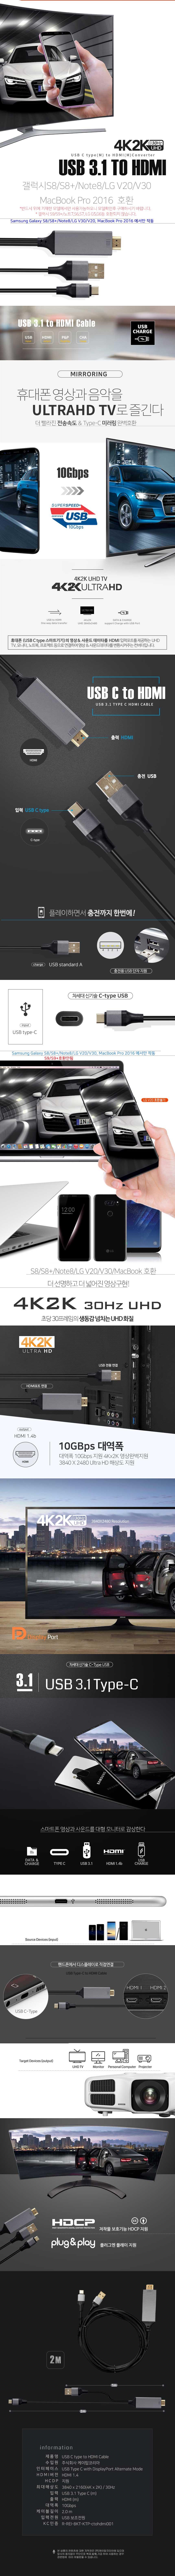 스마트폰 TV연결 미러링케이블 - 케이베스트, 19,500원, 케이블, C타입